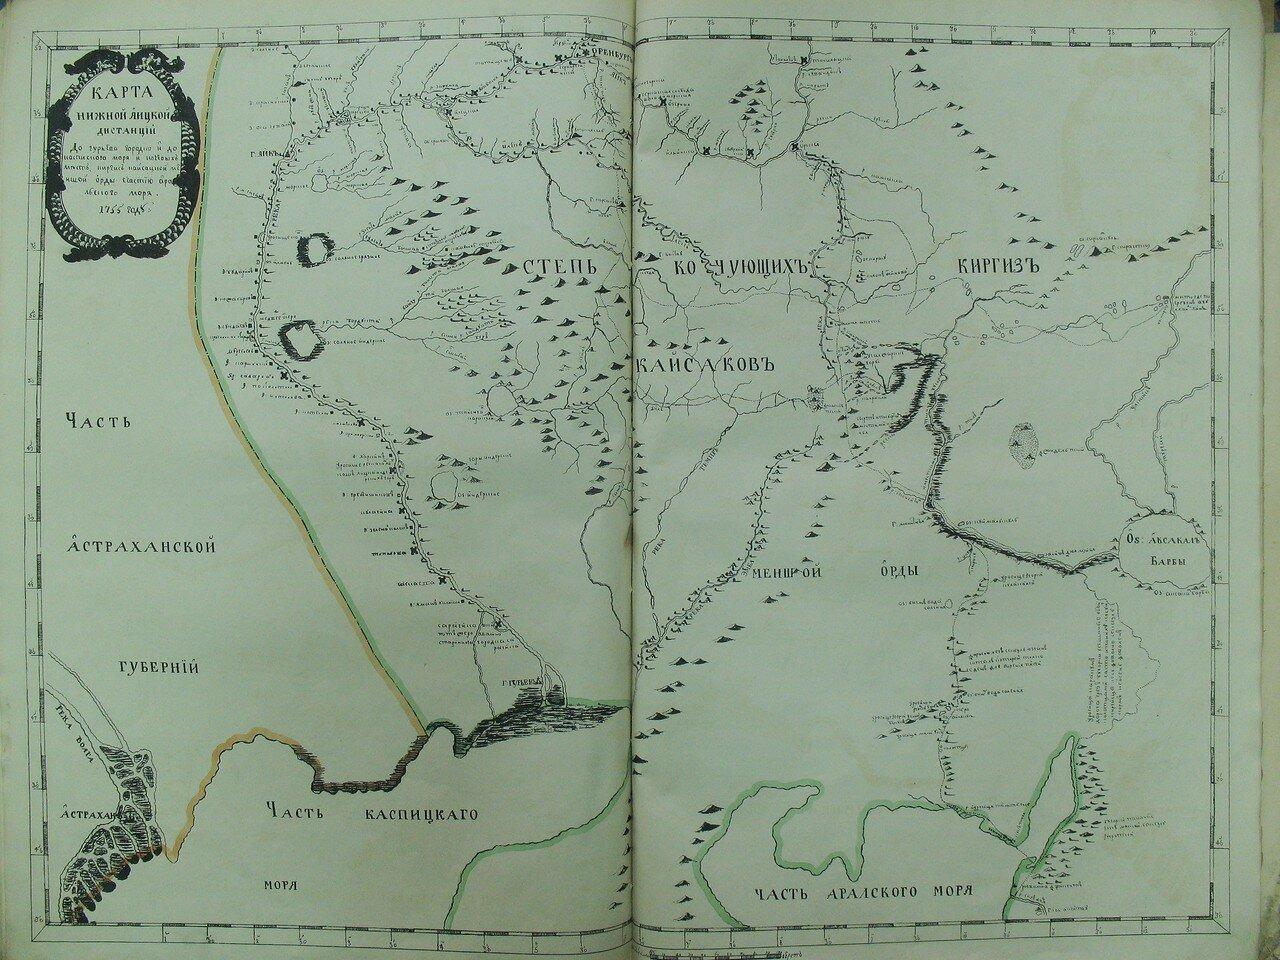 09. Карта Нижнеяицкой дистанции, Каспийского моря, и кочевых мест киргиз, с частью Аральского моря